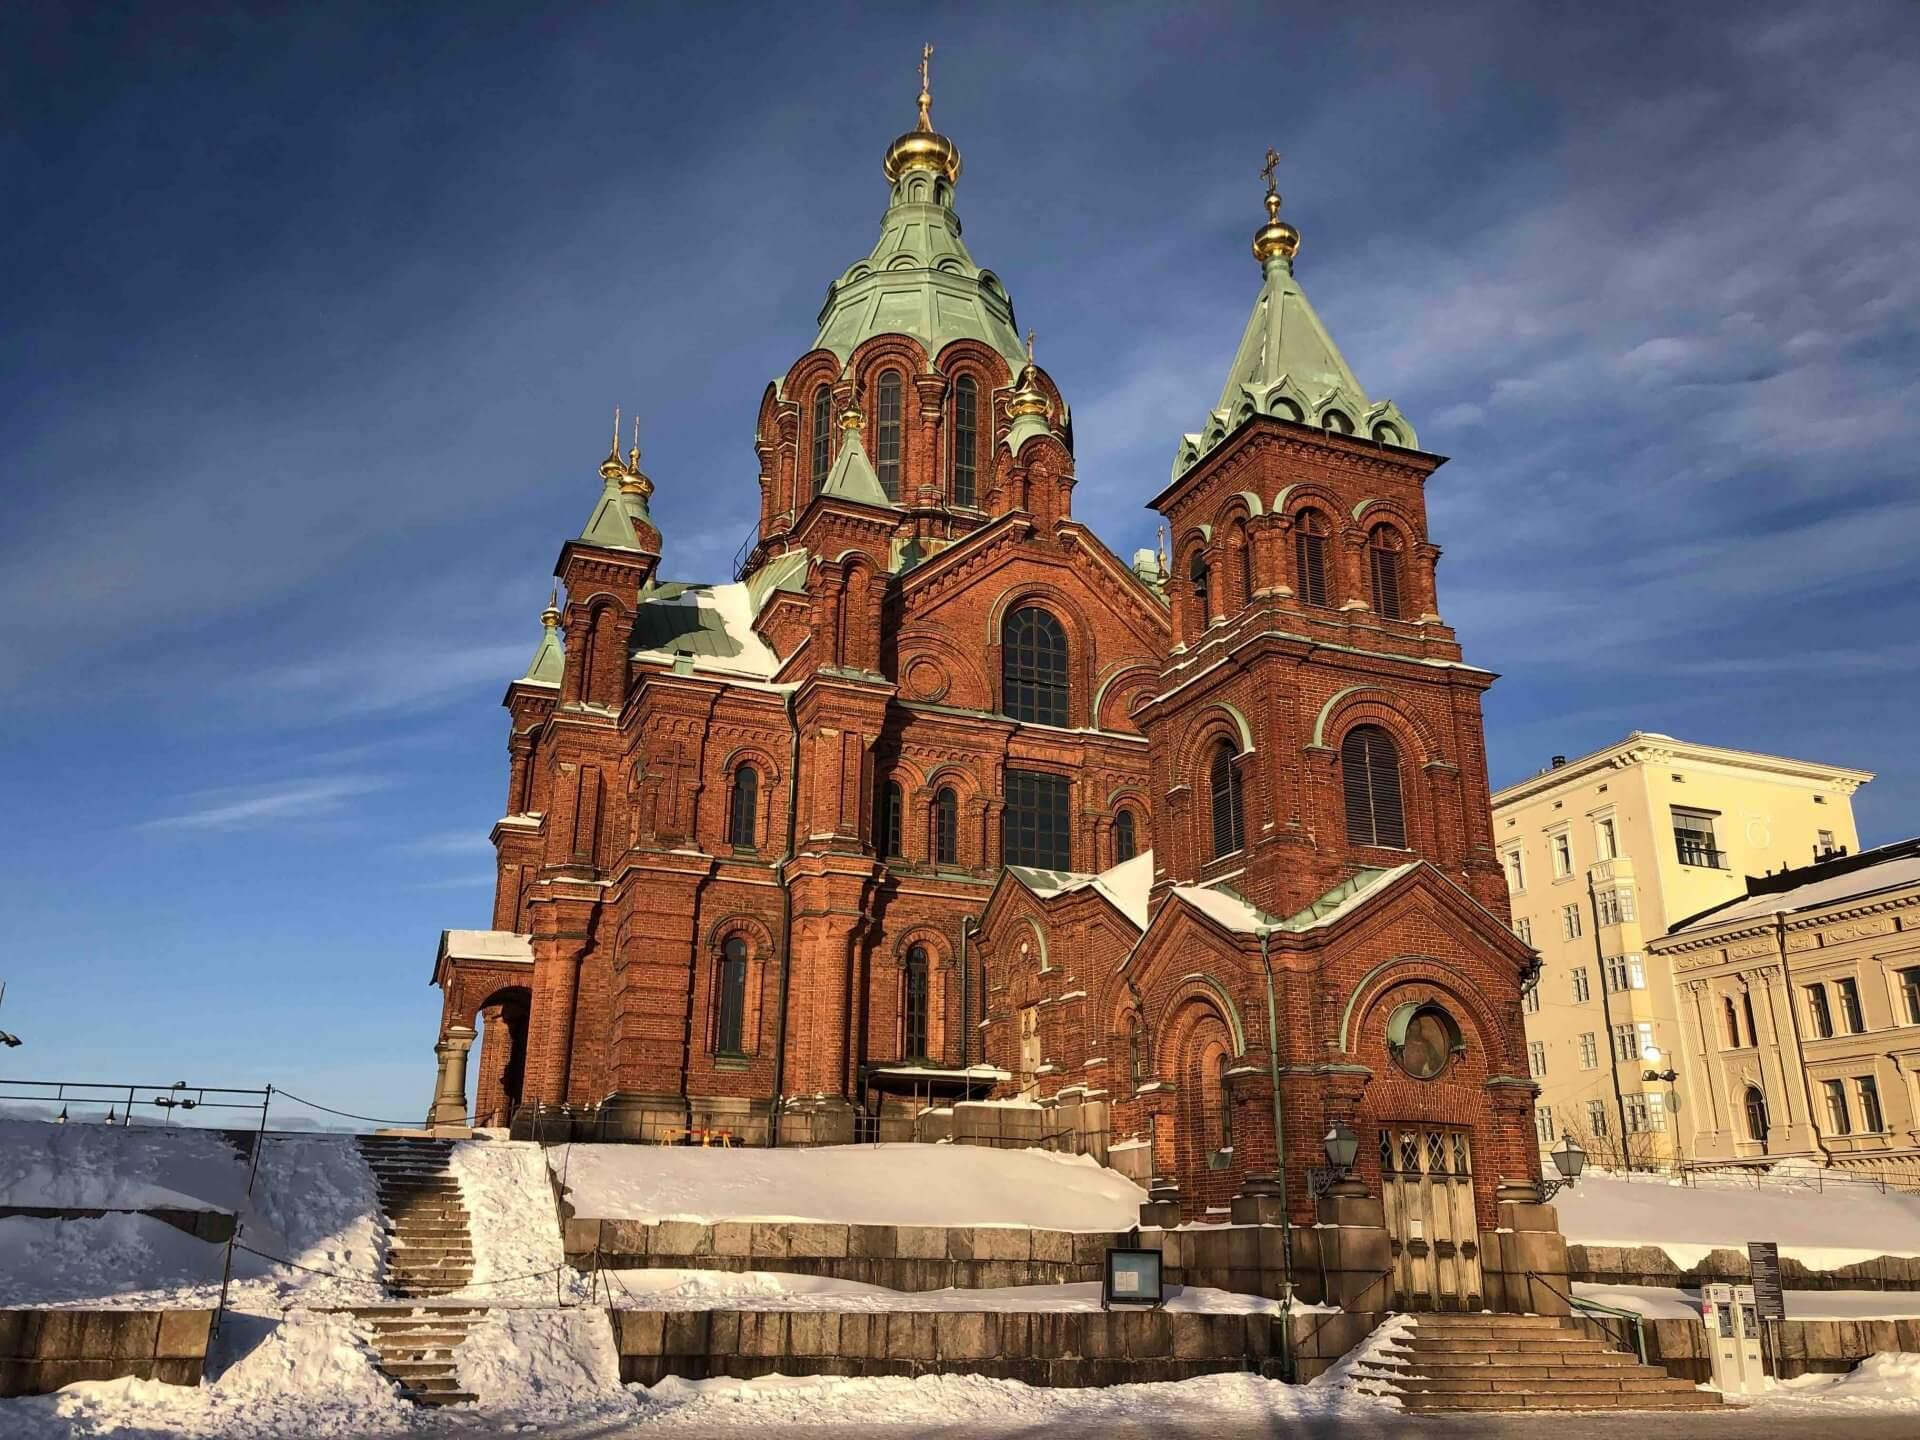 階段を上った先に姿を現したウスペンスキー寺院